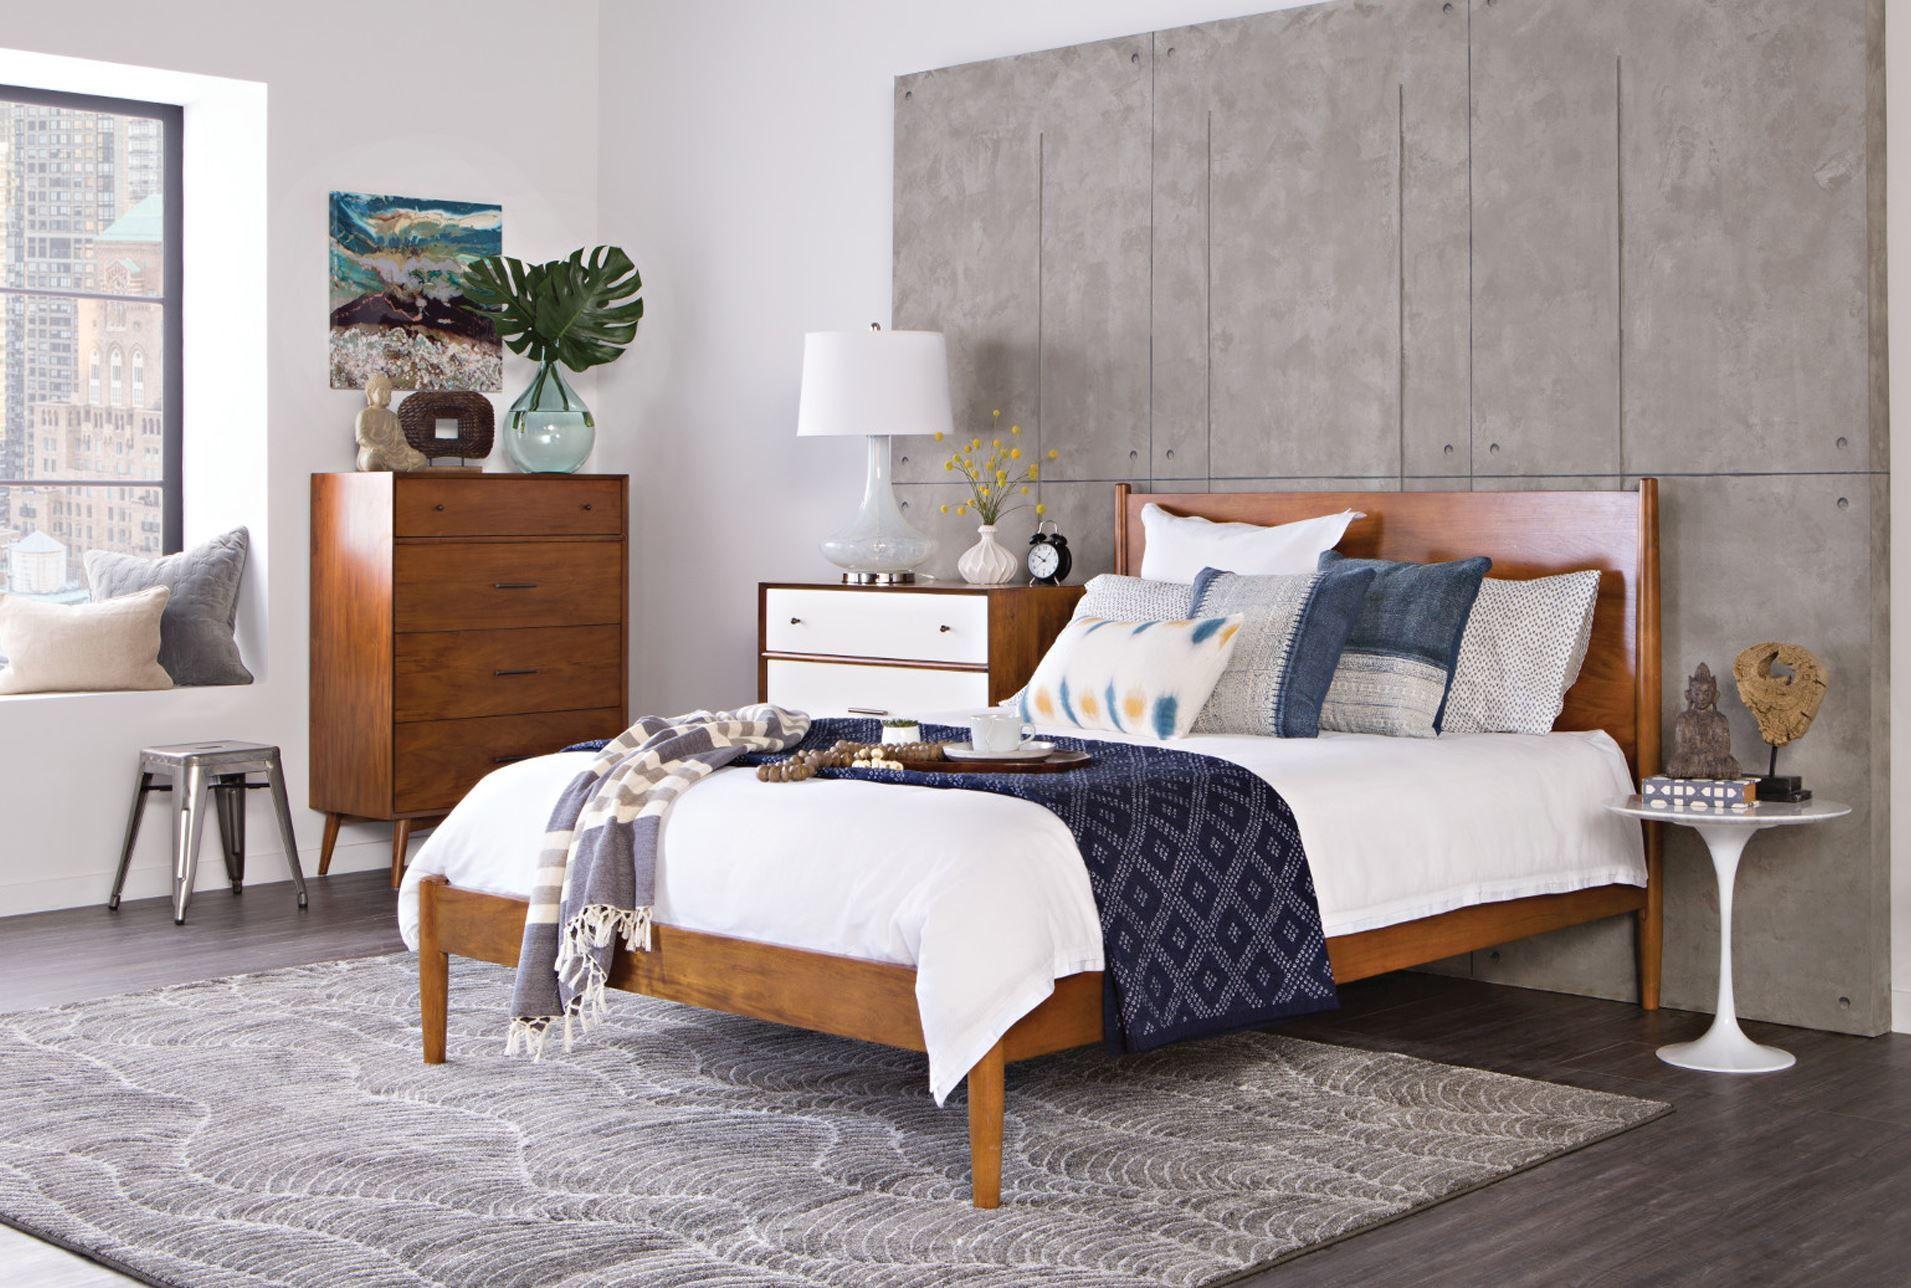 Alton Cherry Queen Platform Bed King Platform Bed Bedroom Furniture Inspiration California King Platform Bed